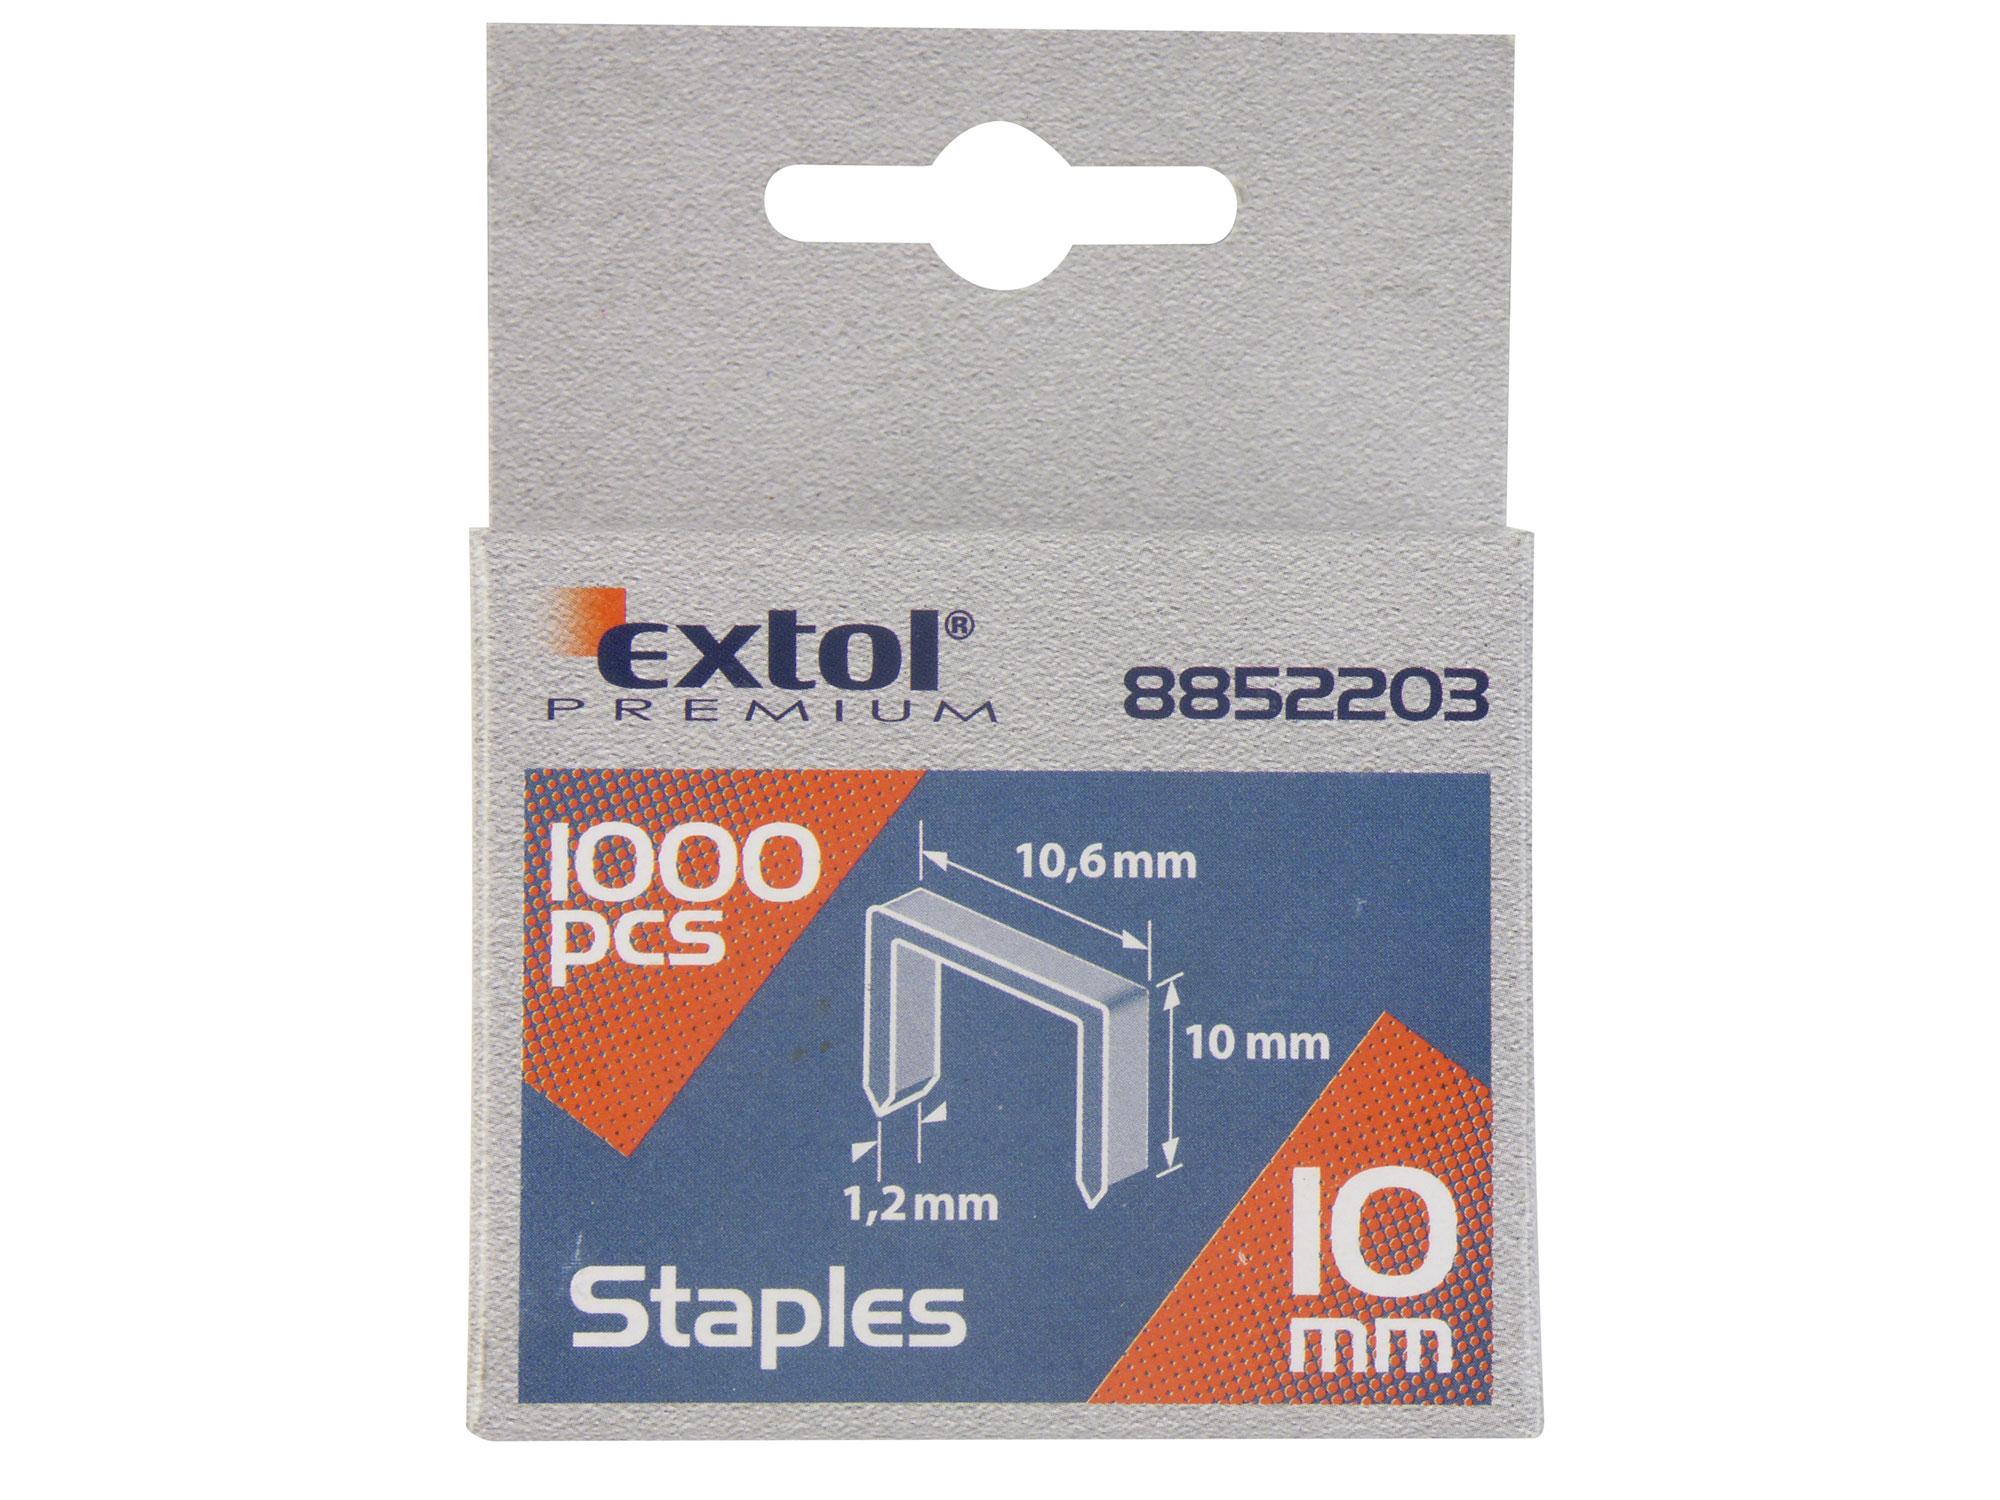 Spony, balení 1000ks, 10mm, 11,3x0,52x0,70mm EXTOL PREMIUM 8852503